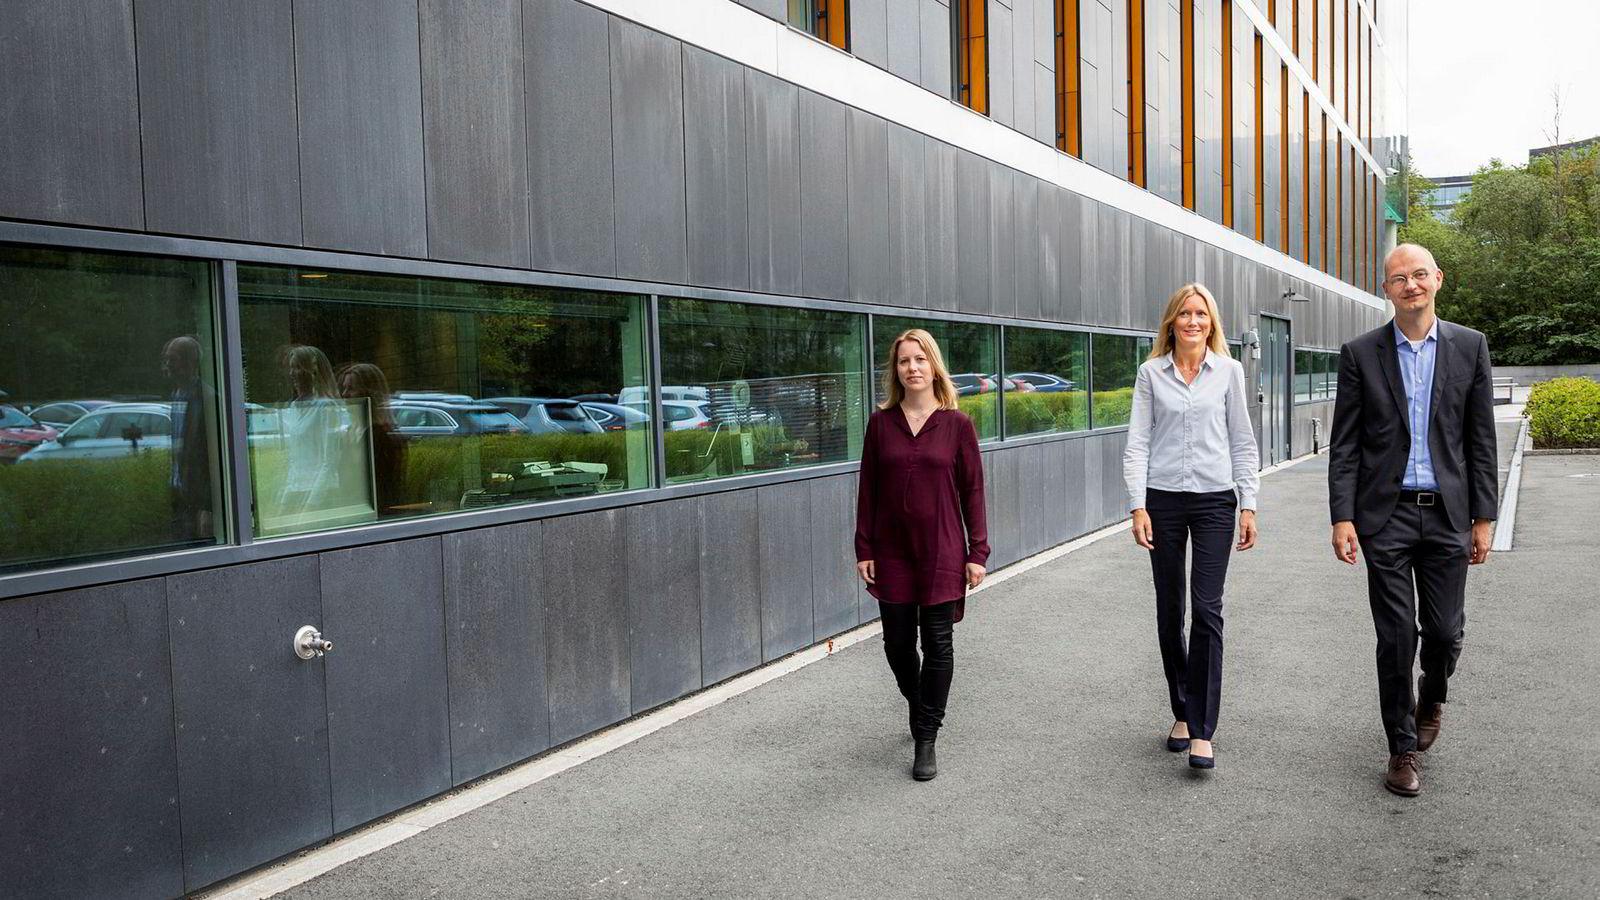 Det er overraskende billig å endre målet fra to graders global oppvarming til 1,5 grad, mener (fra høyre) Gry Åmodt, Mari Viddal og Henrik Sætness som står bak ny lavutslippsrapport fra Statkraft.